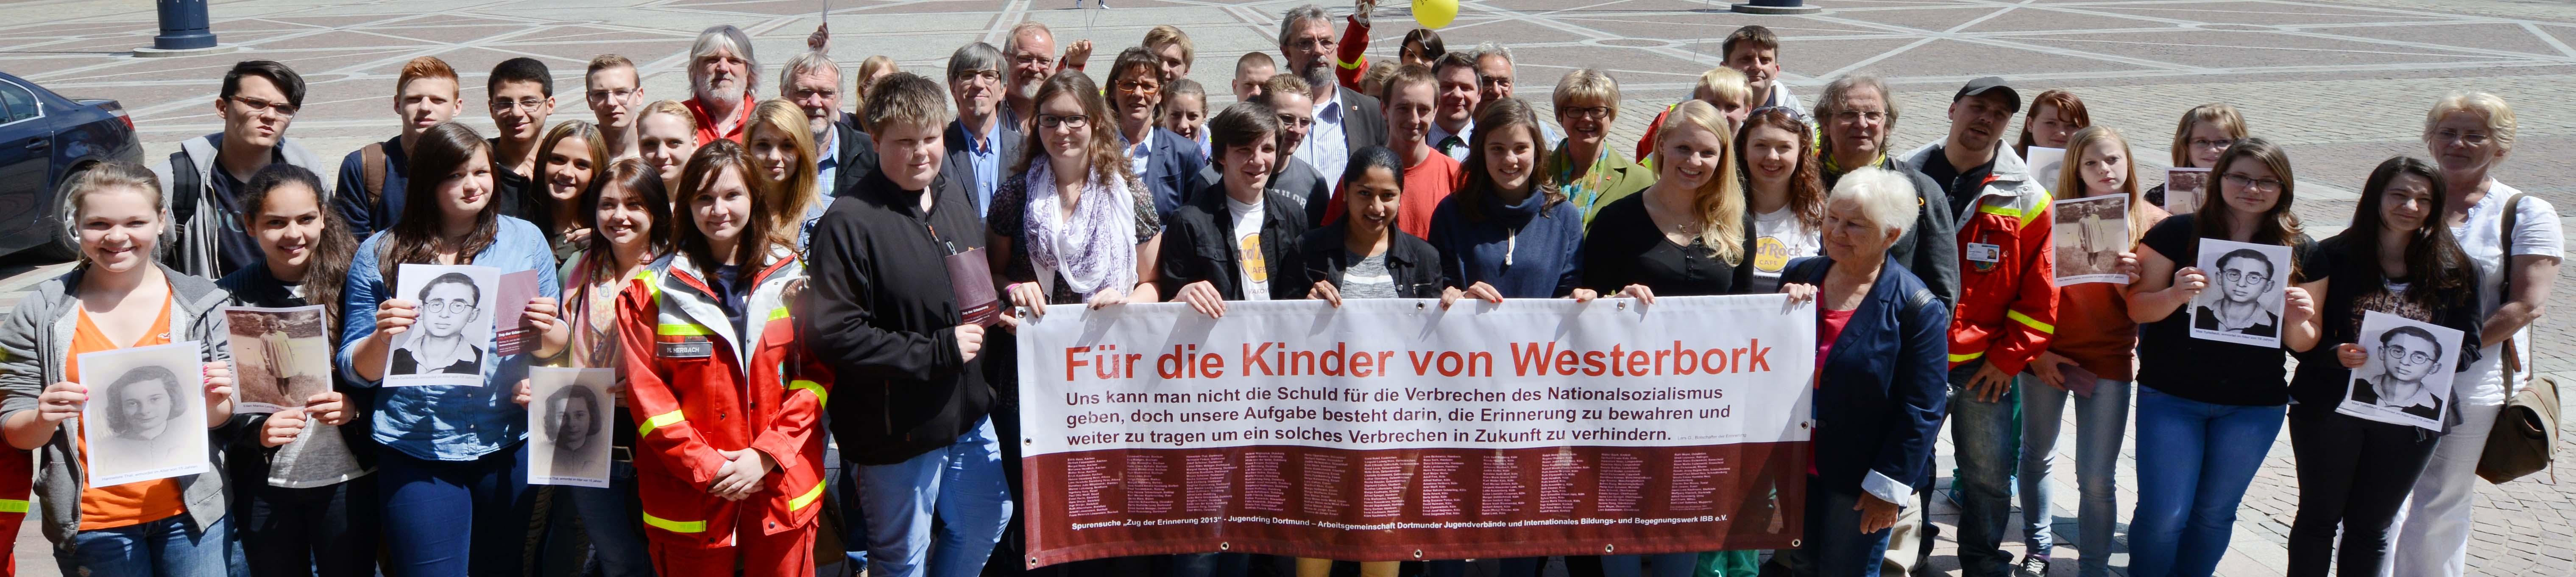 """""""Zug der Erinnerung"""" erinnert in Dortmund an die ermordeten jüdischen Kinder von Westerbork"""